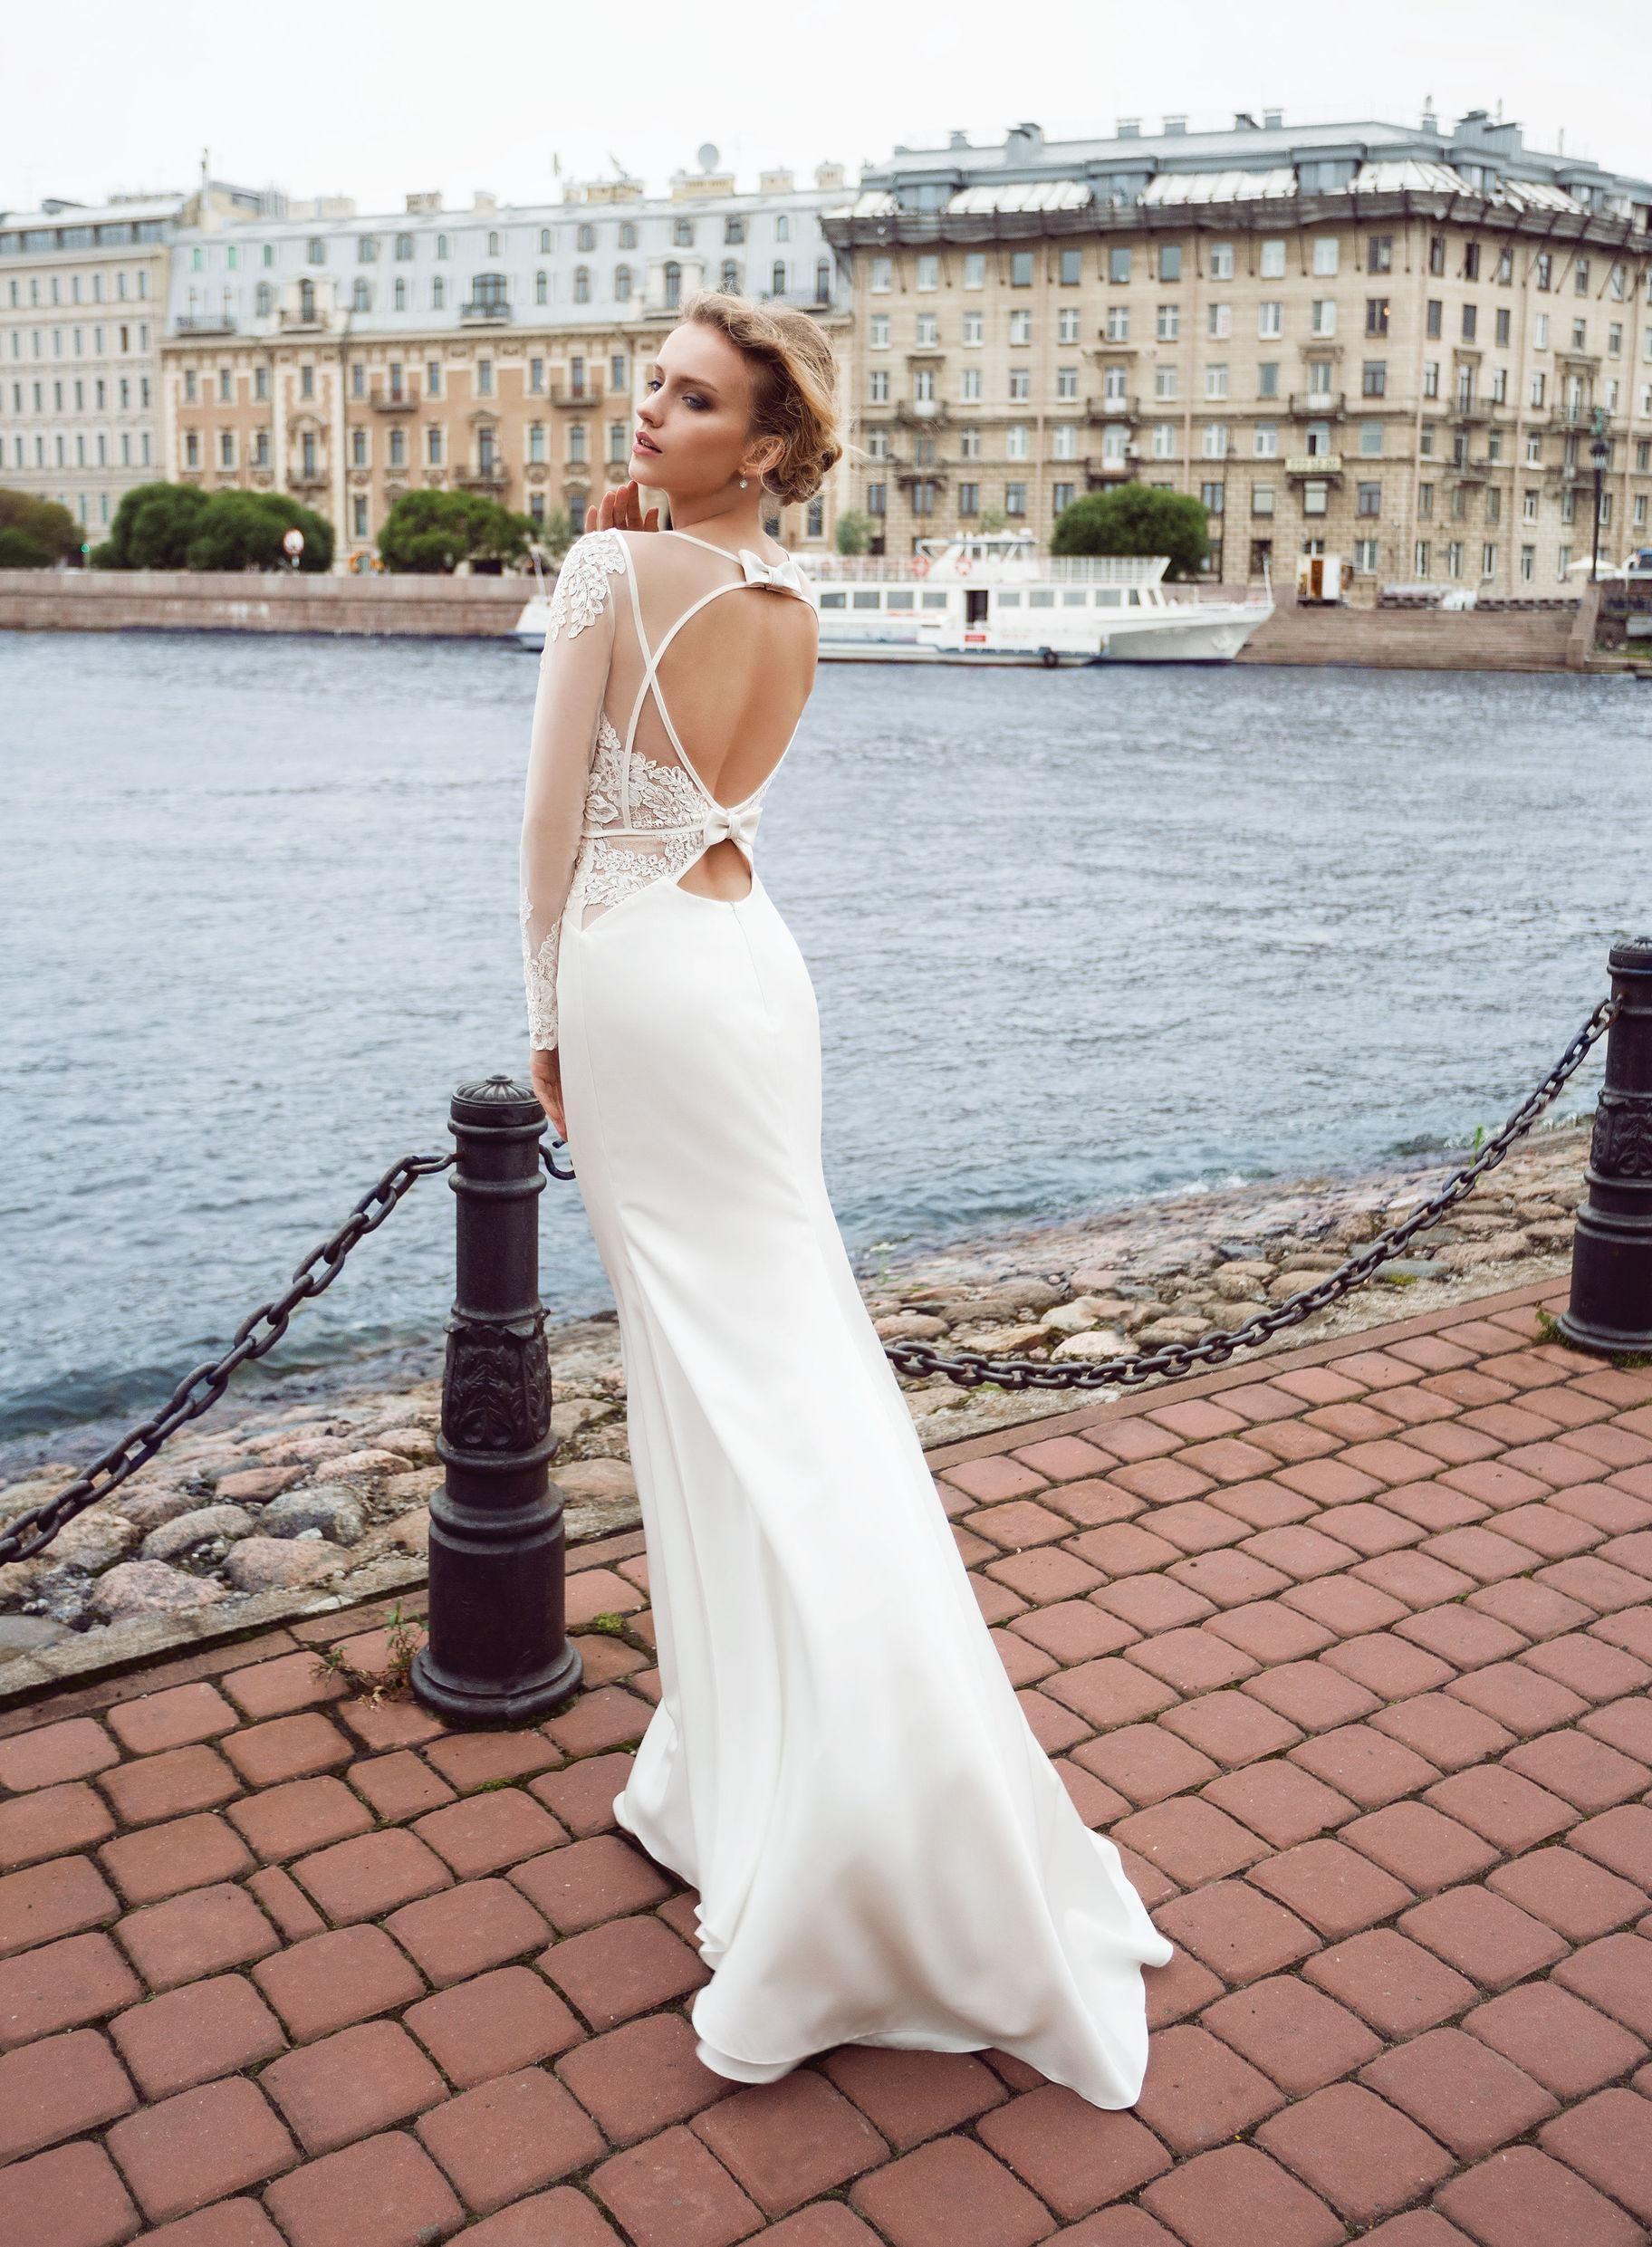 Свадебное платье Фабиана Куклы u купить в Москве платье Фабиана из